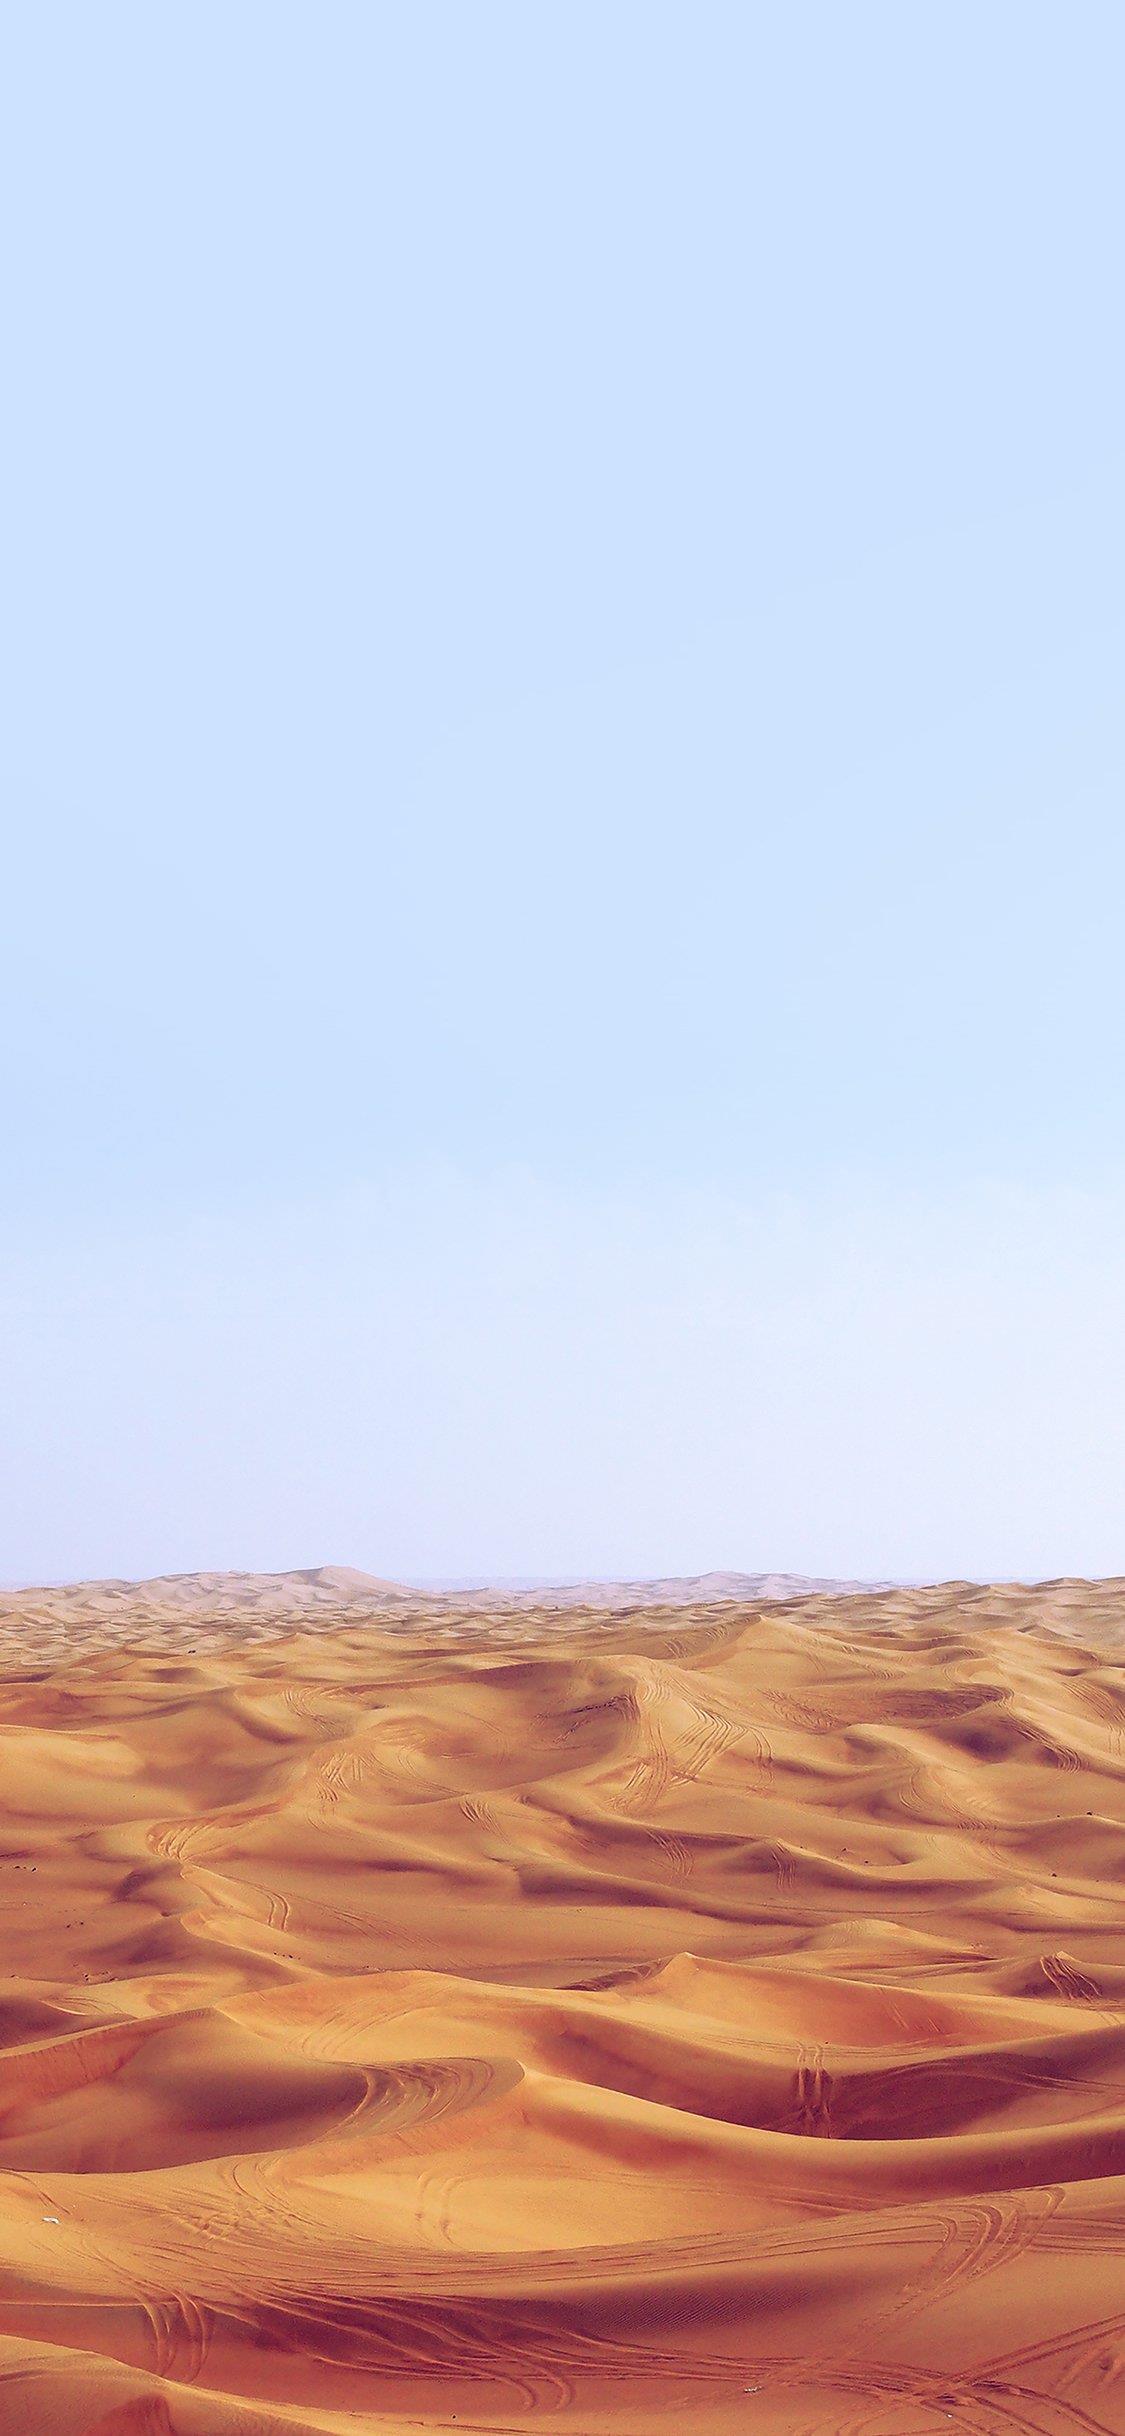 Le dune del deserto - Sfondi per iPhone, i migliori da scaricare gratis